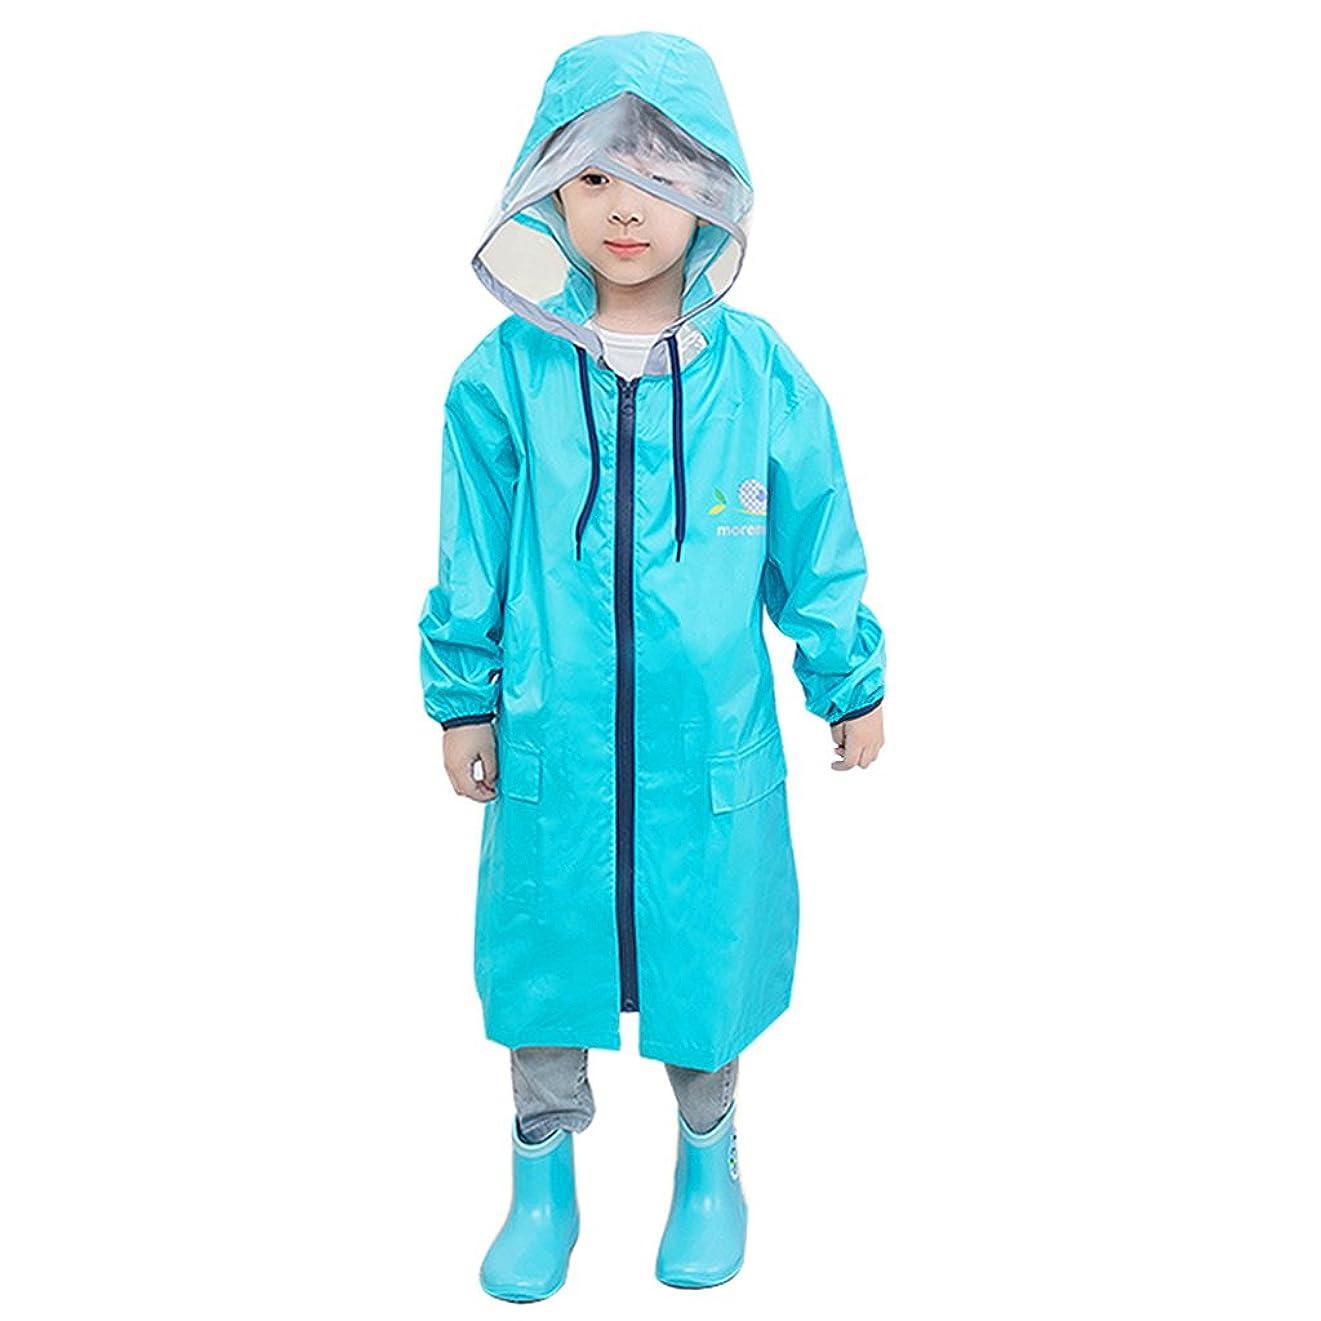 領収書要求するパースベビーポンチョ、キッズレインコート子供レインウェア防水防寒ベビー雨具